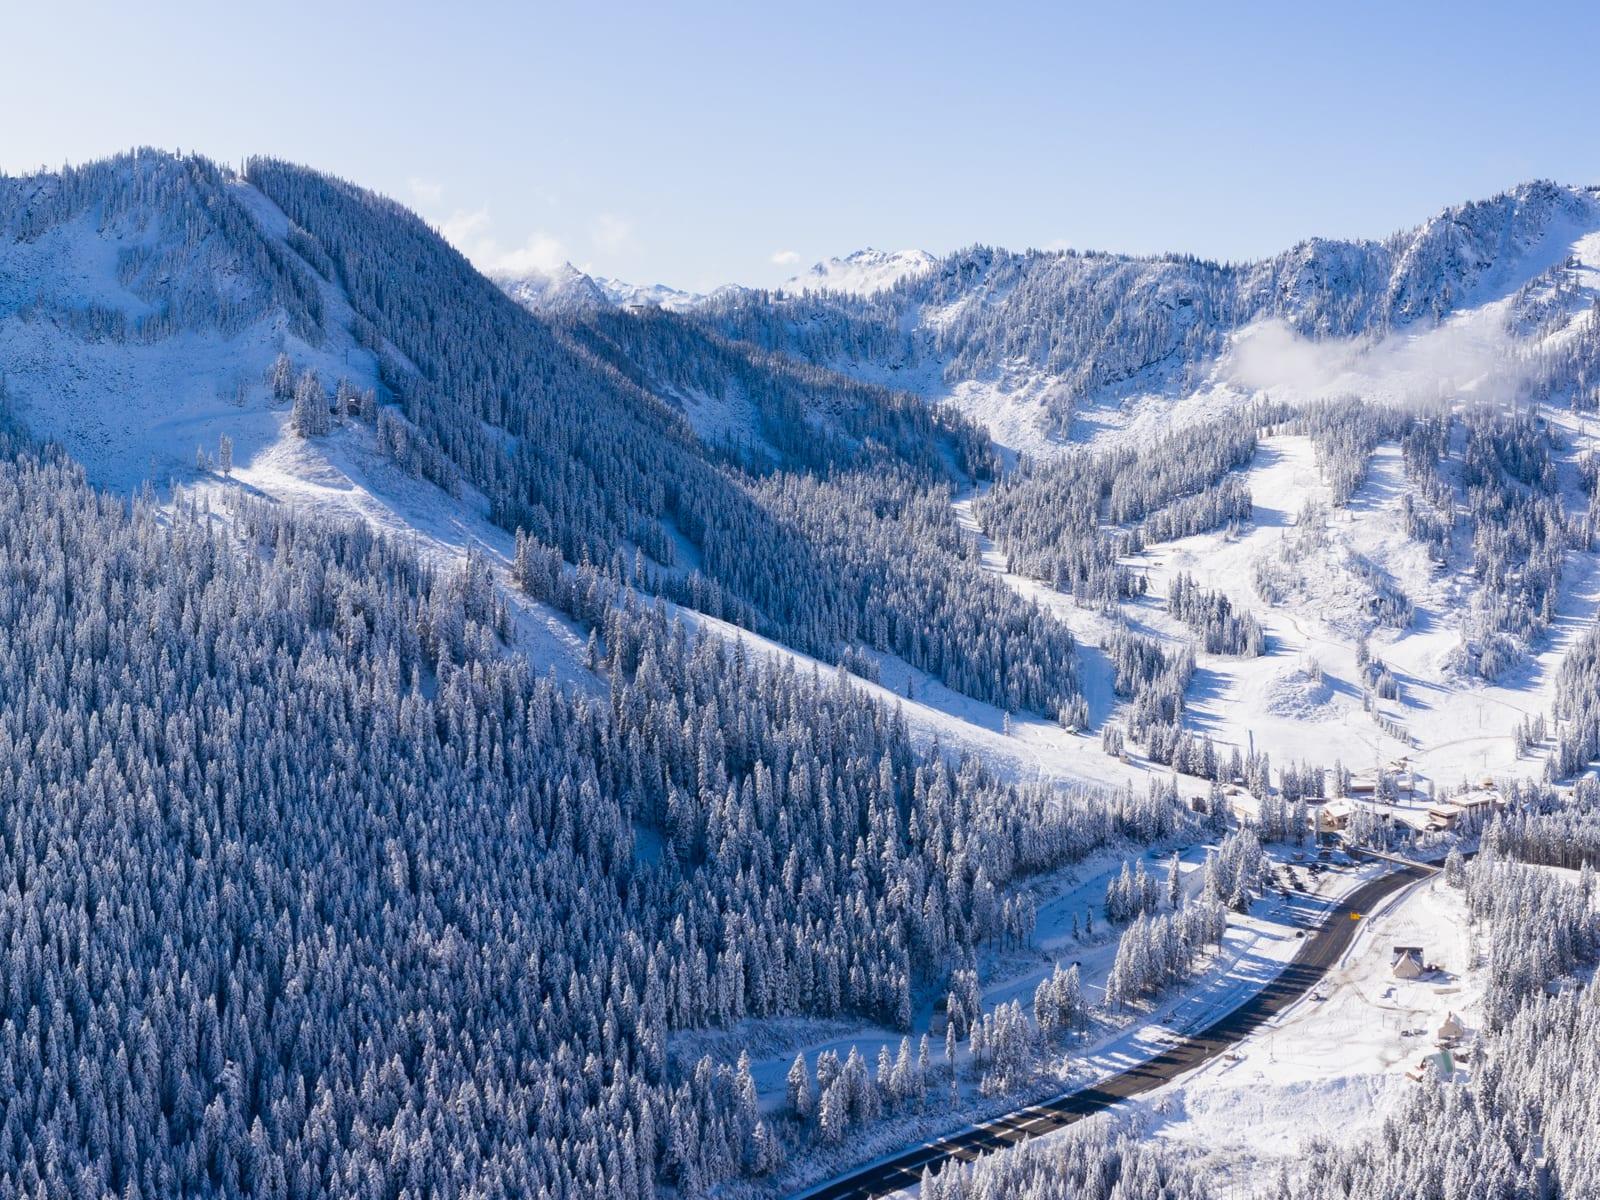 Hero-AerialPano-SnowyScenic_10-09-19-1